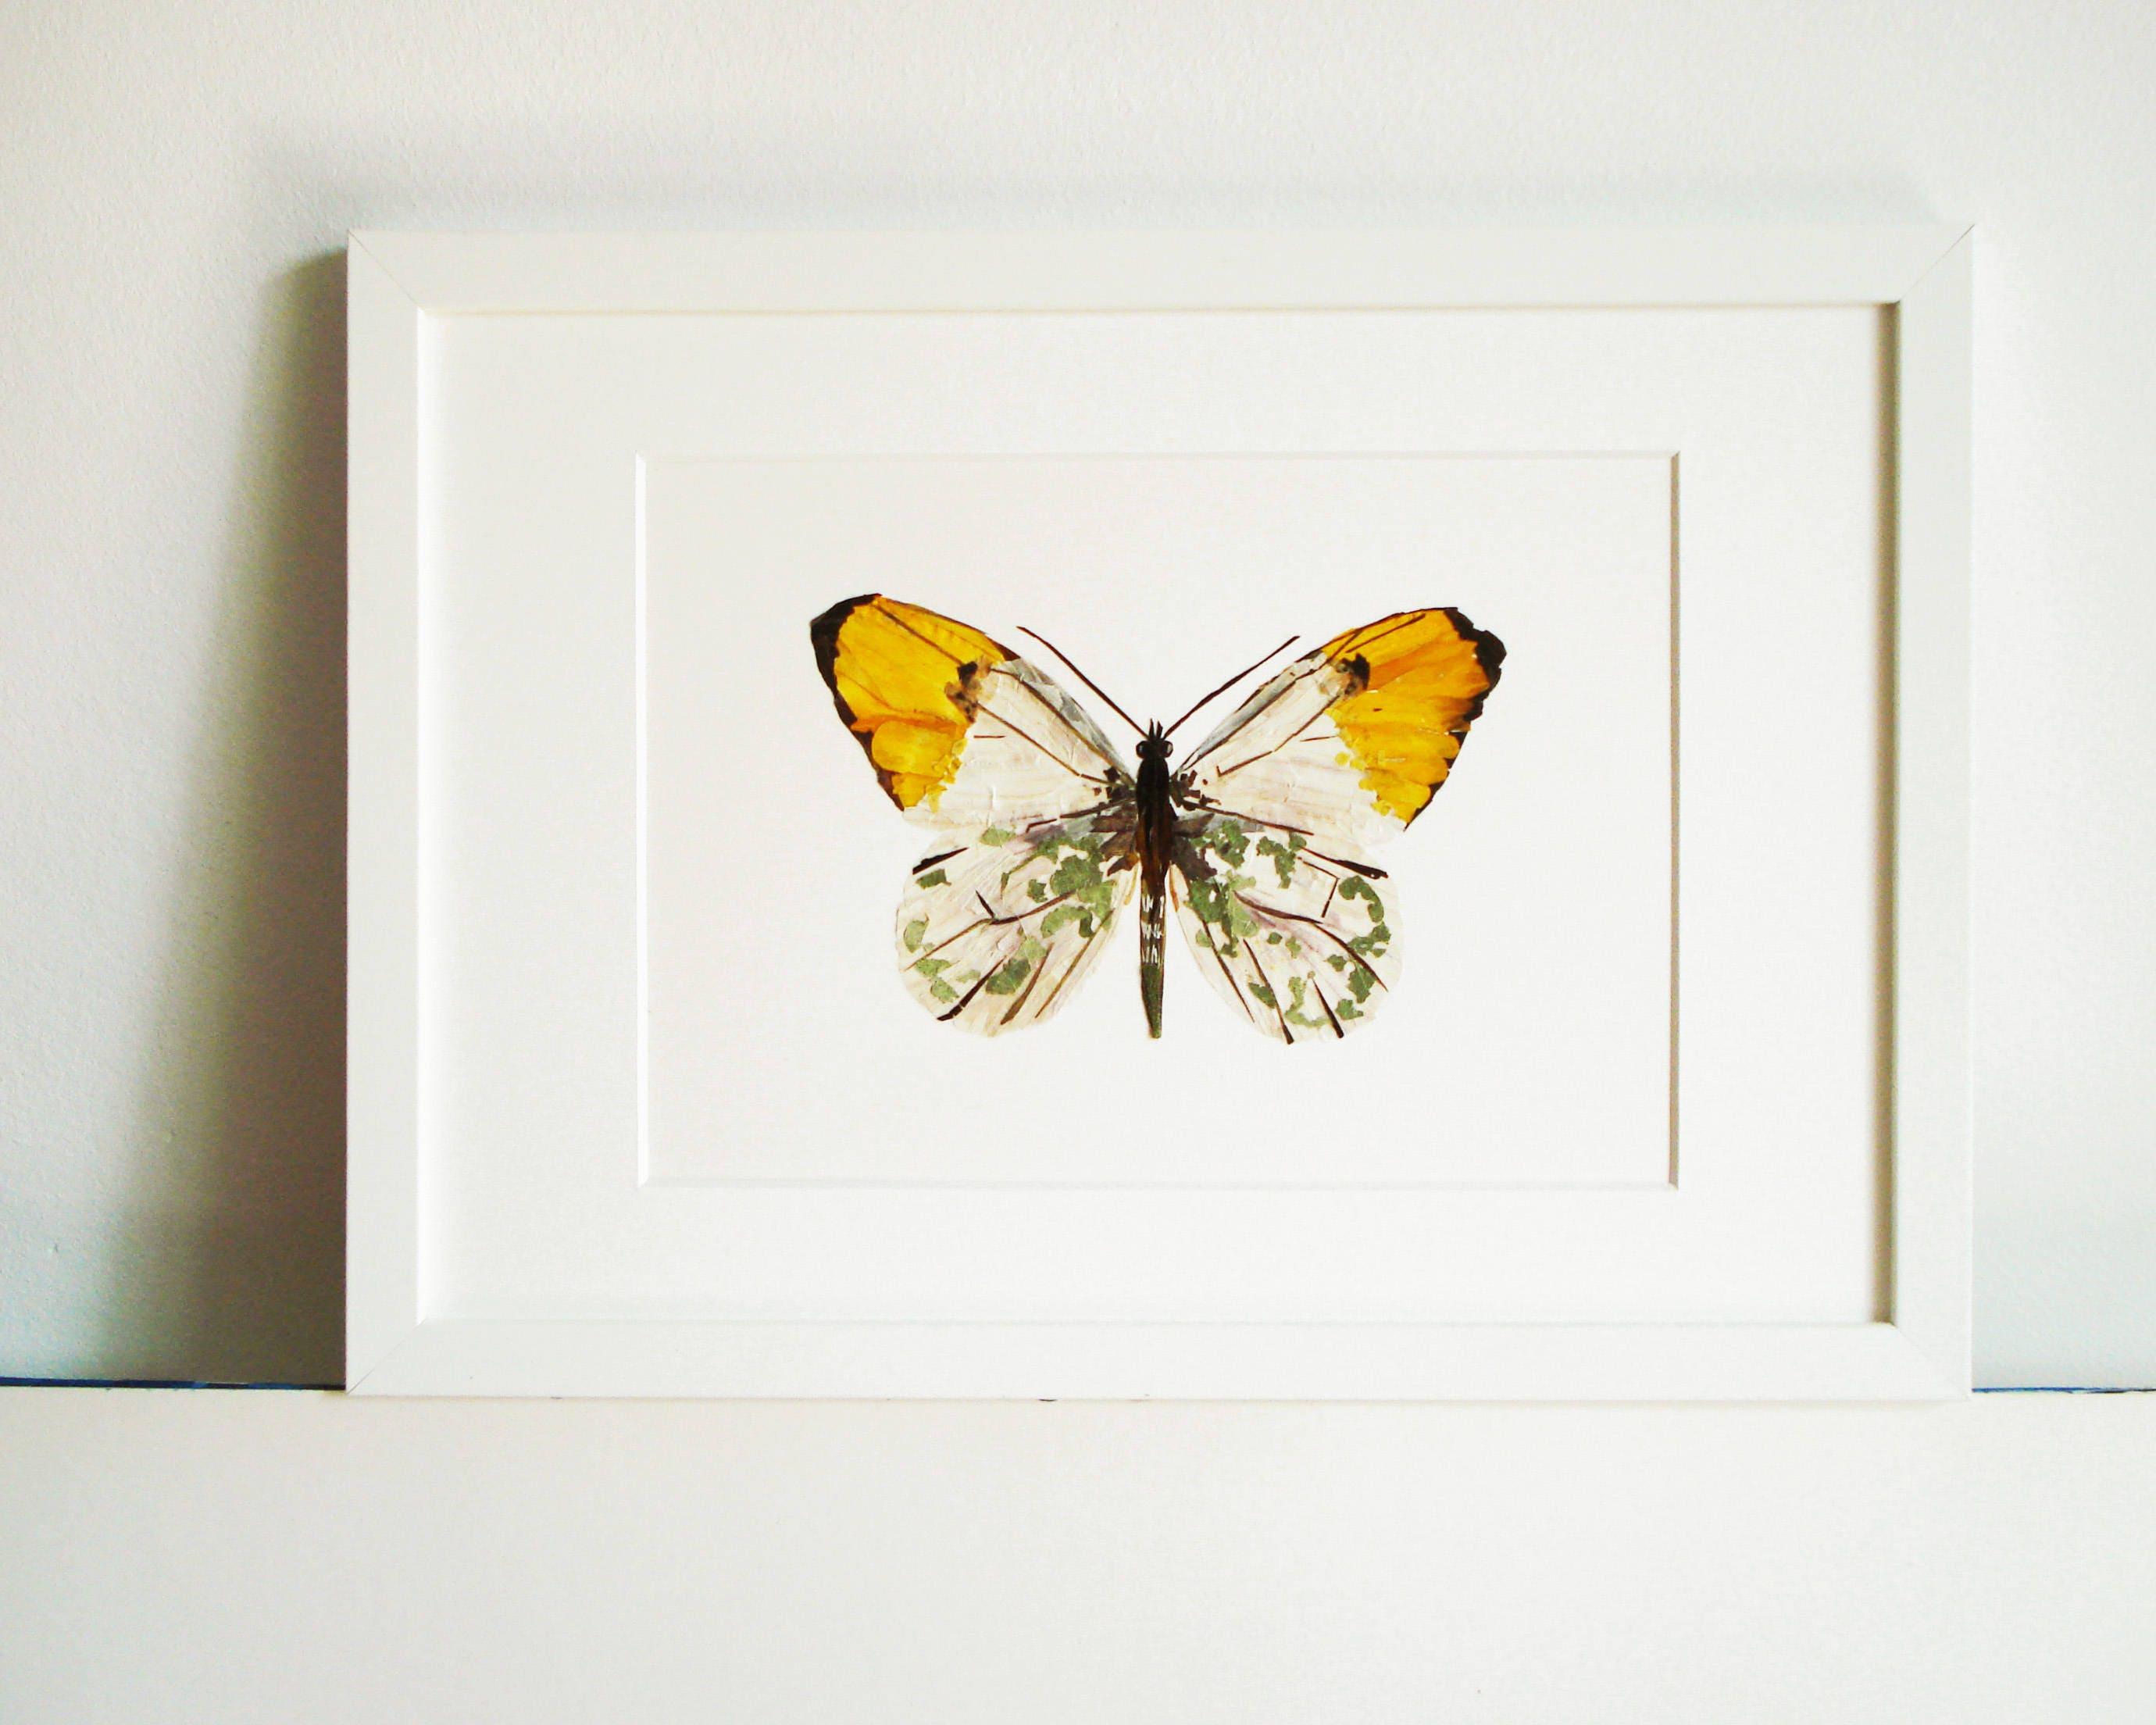 Schmetterling Wandkunst botanischen Druck Wand Dekor Druck